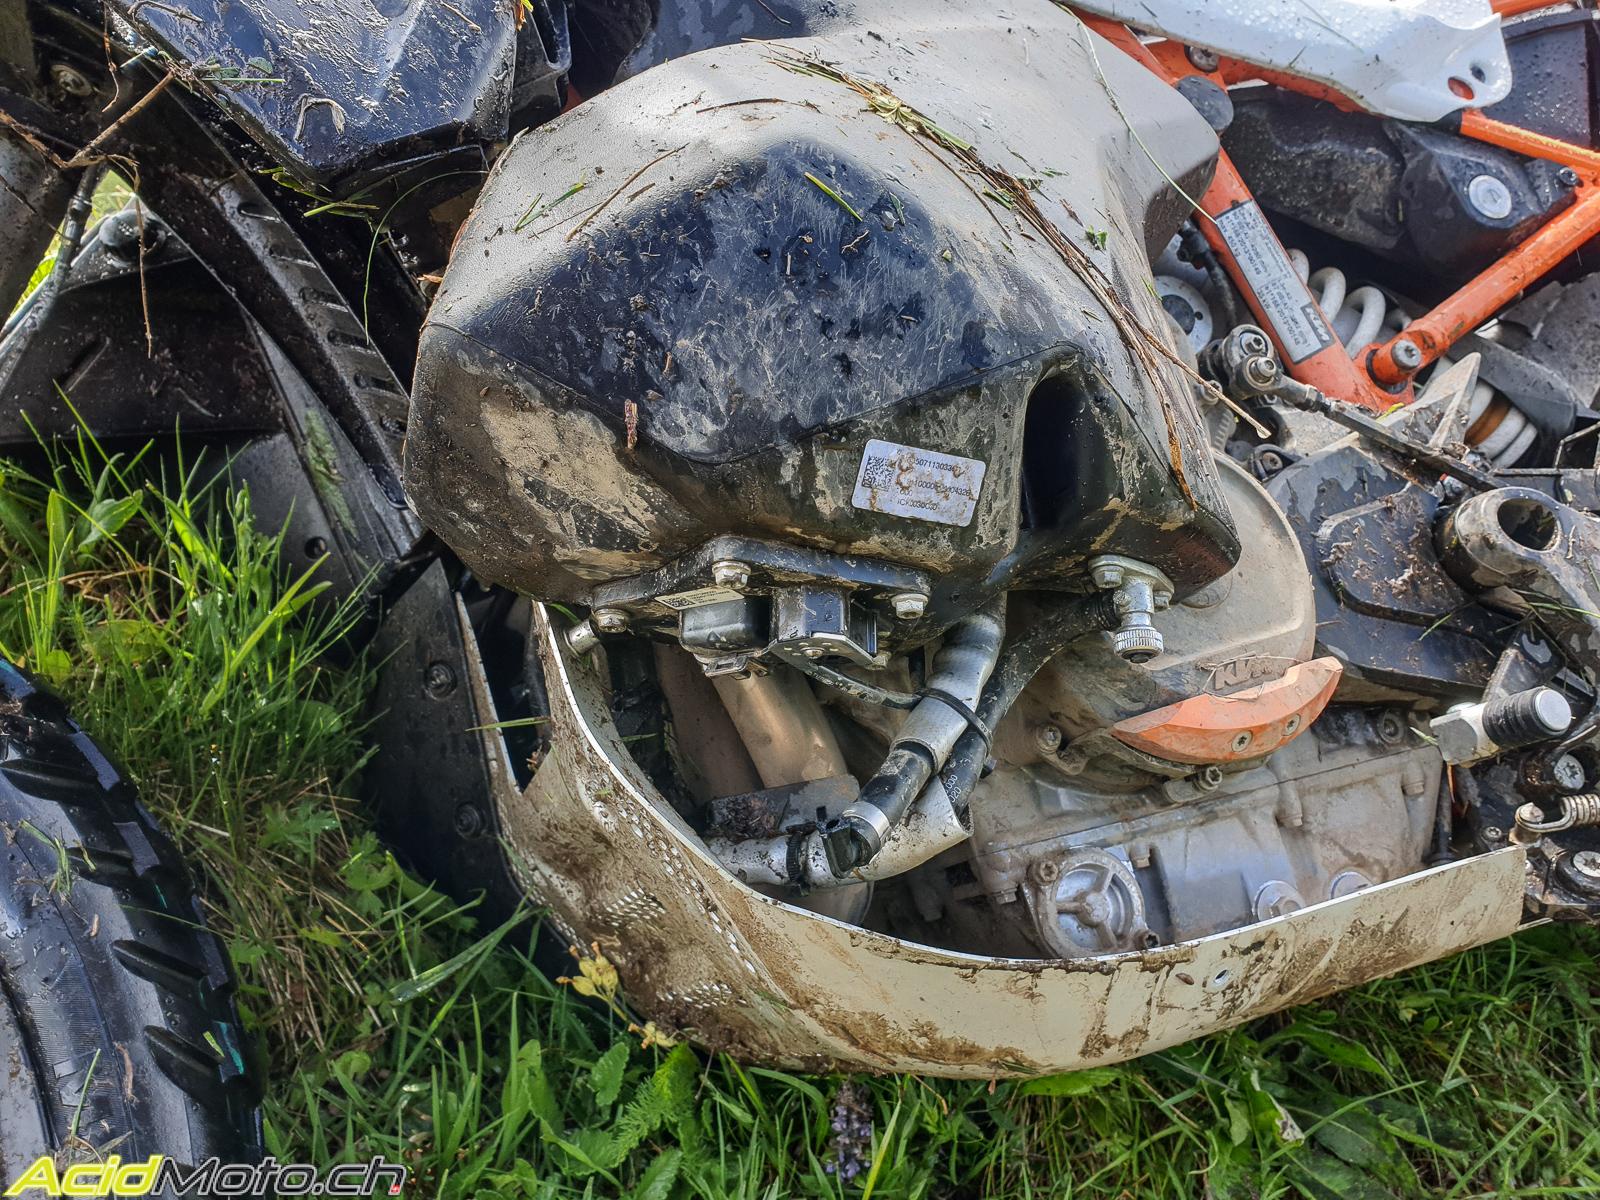 KTM 790R Adventure Outback Motortek Hdt-120929